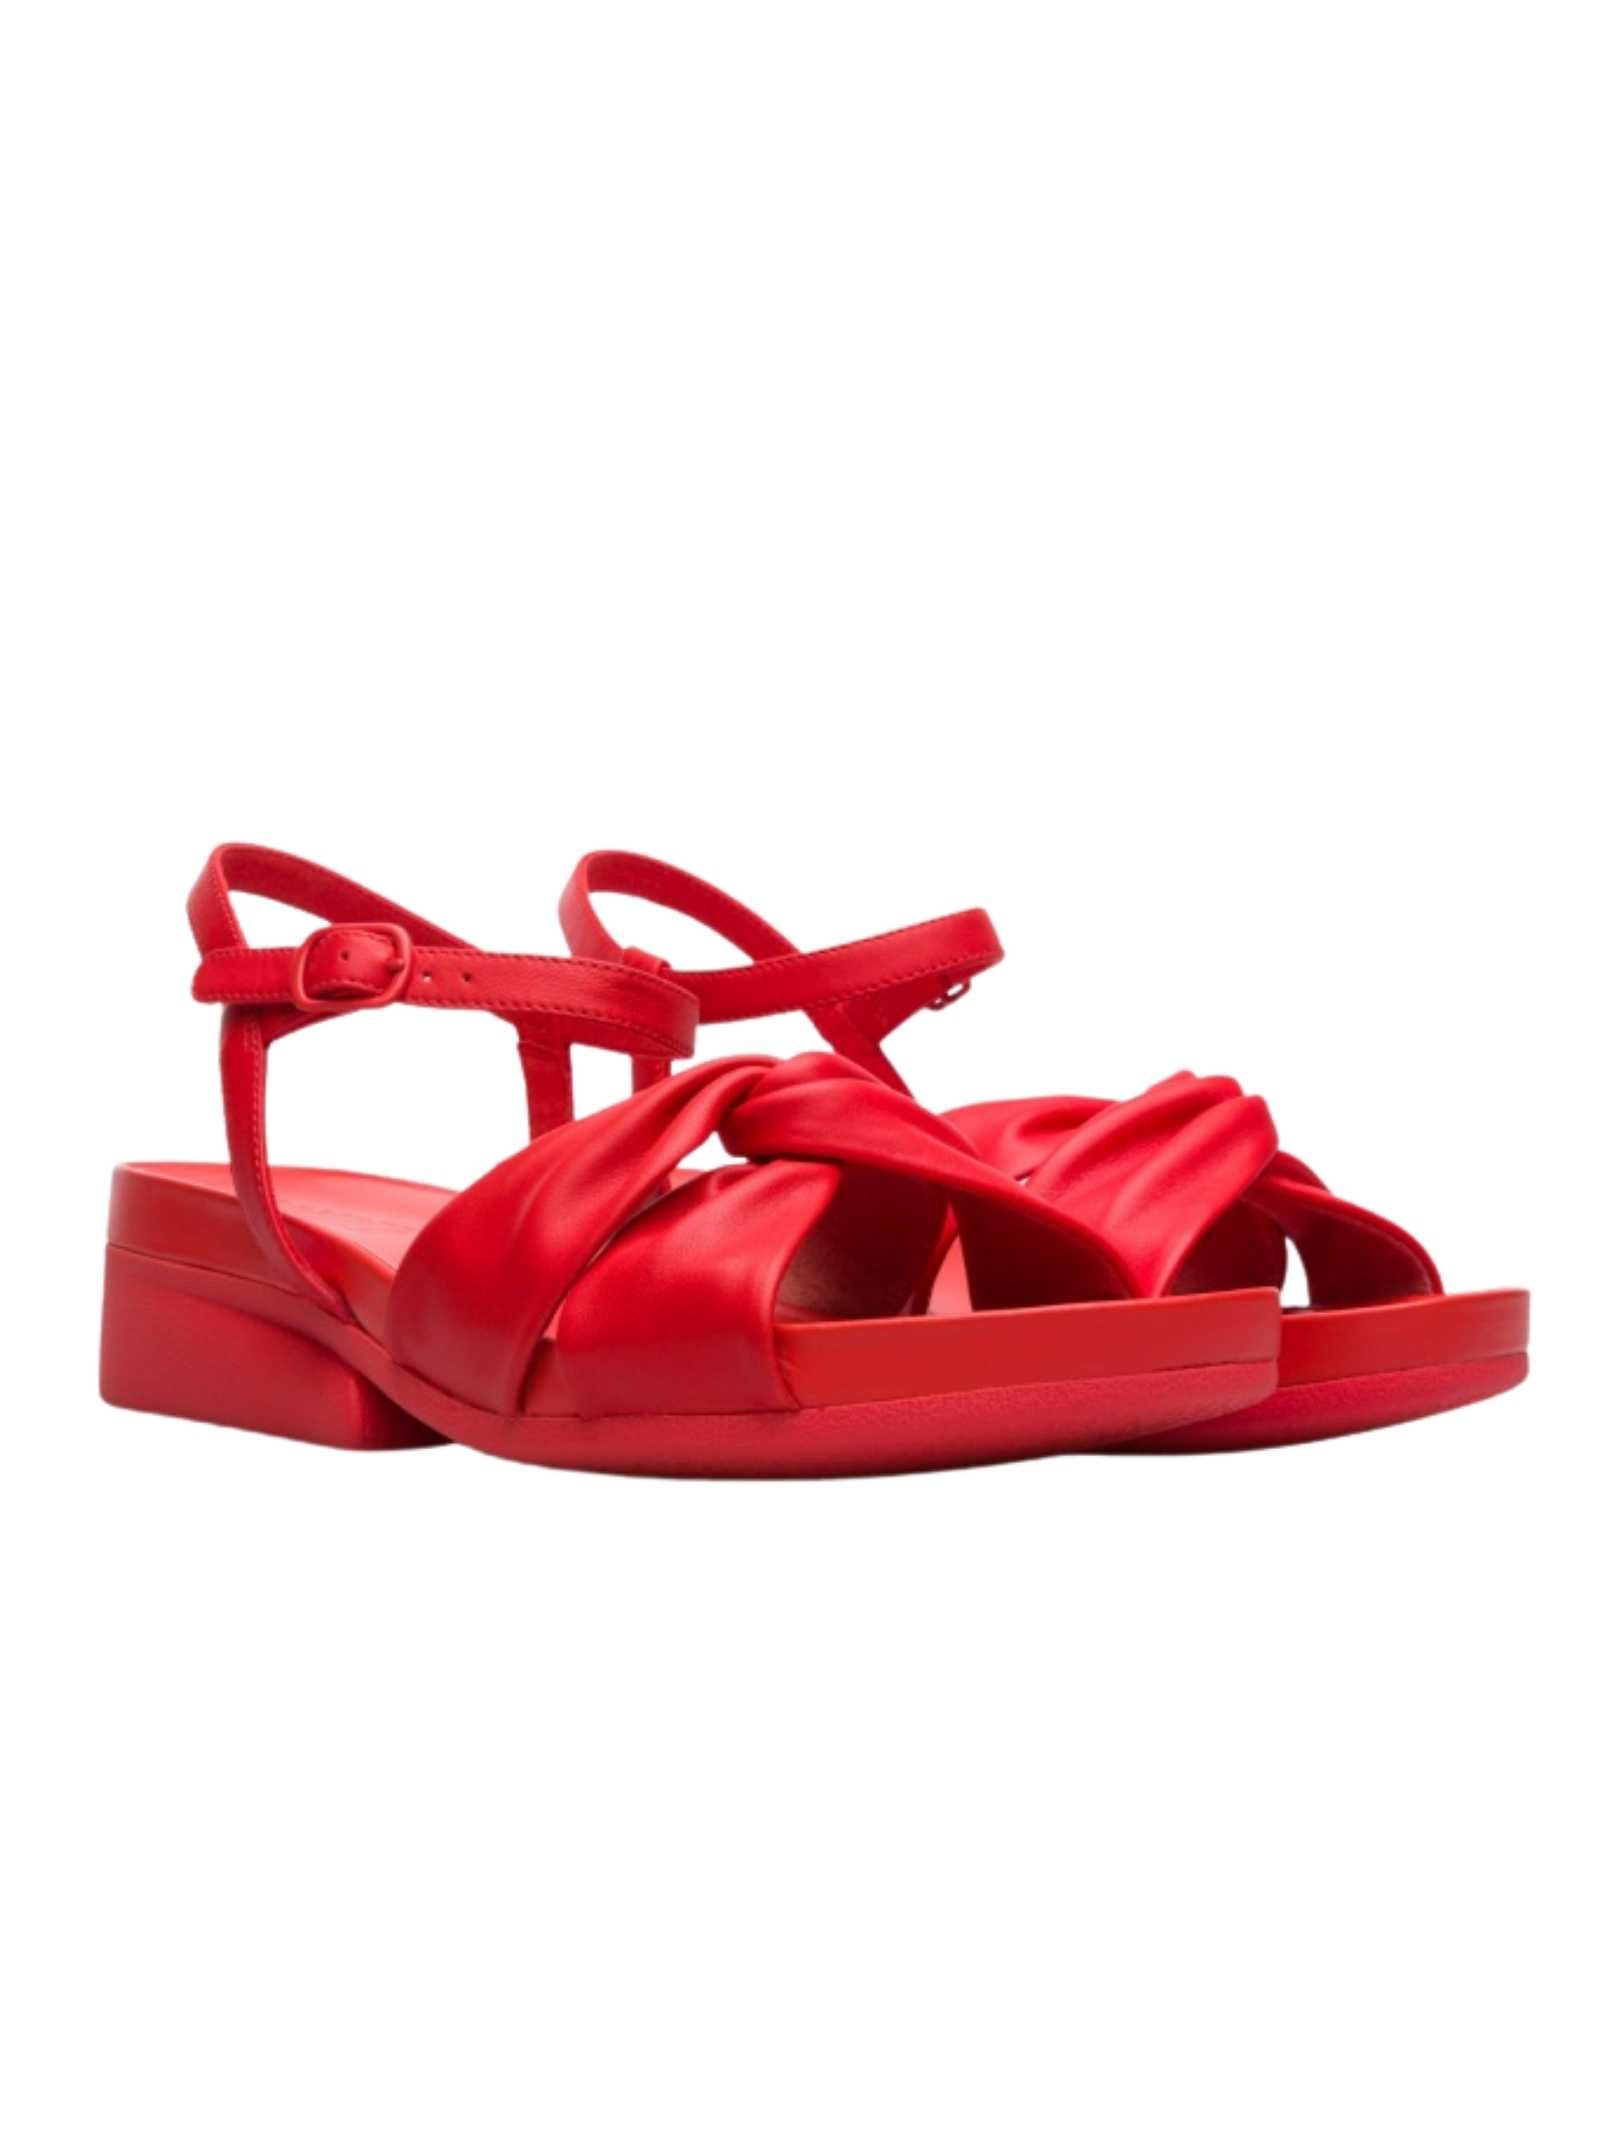 CAMPER | Shoes | K201245-003